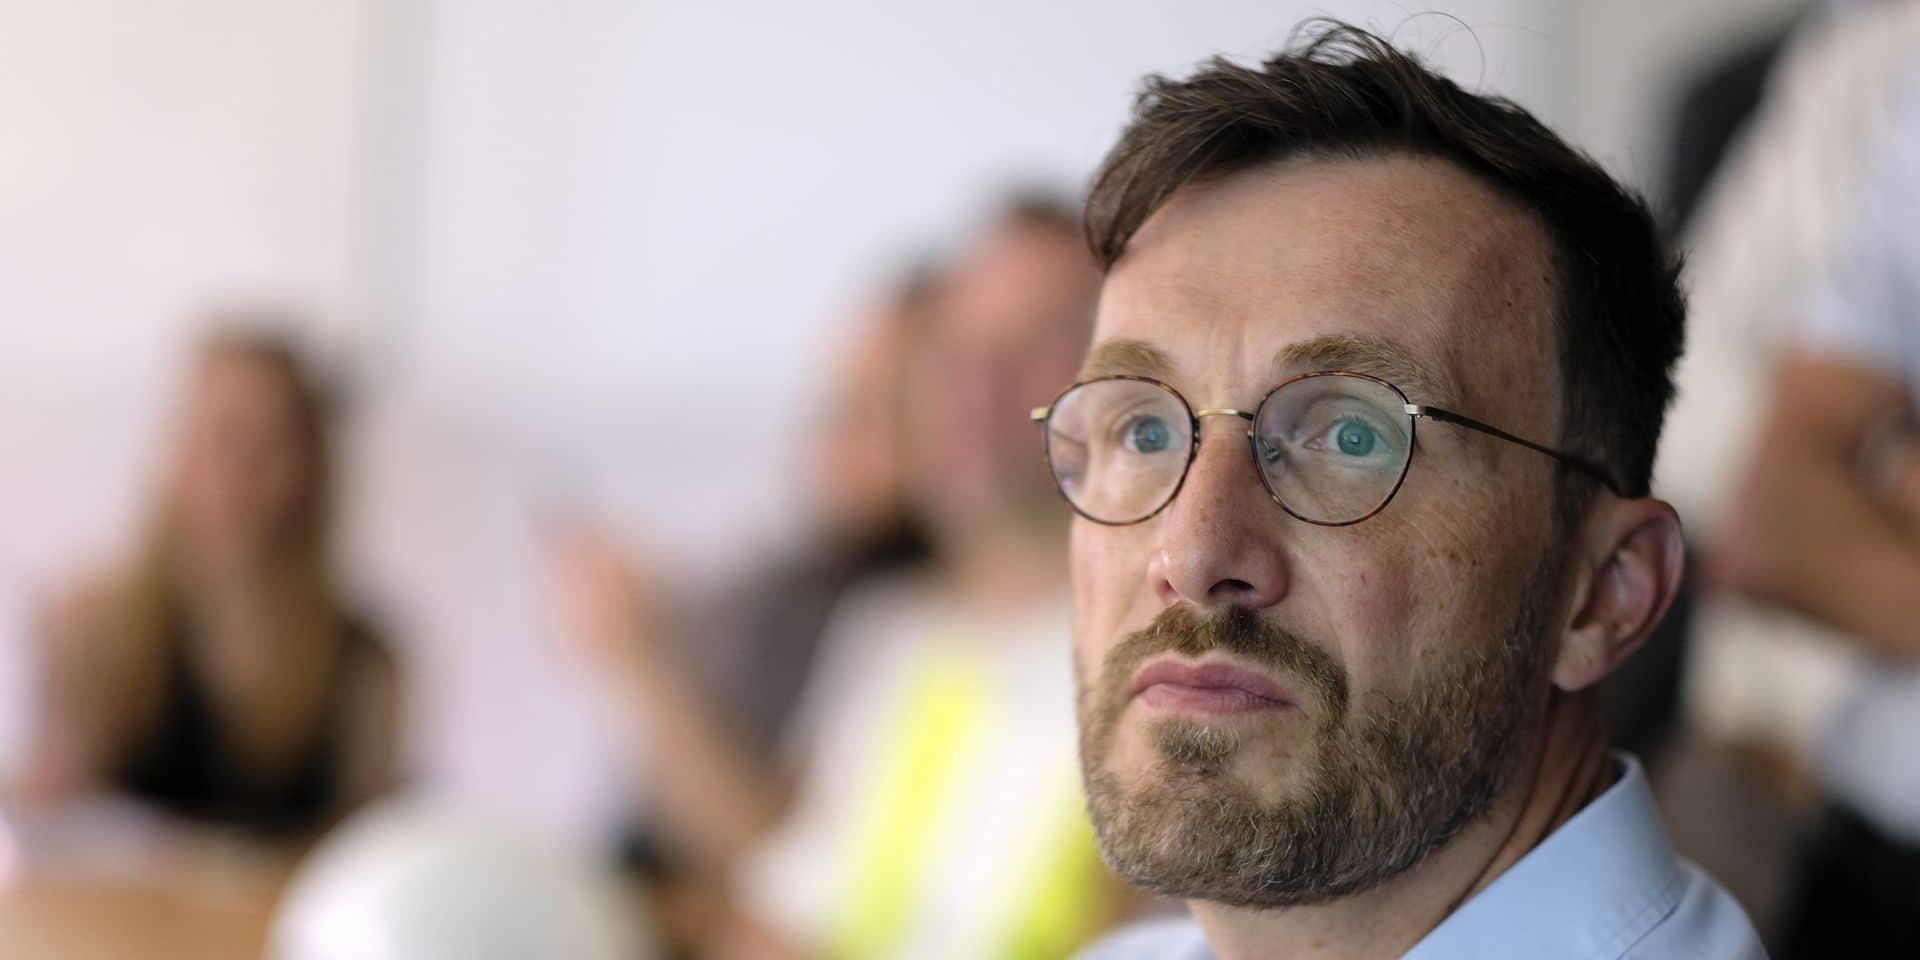 Elections 2019 : Pascal Smet tête de liste sp.a pour la Région bruxelloise